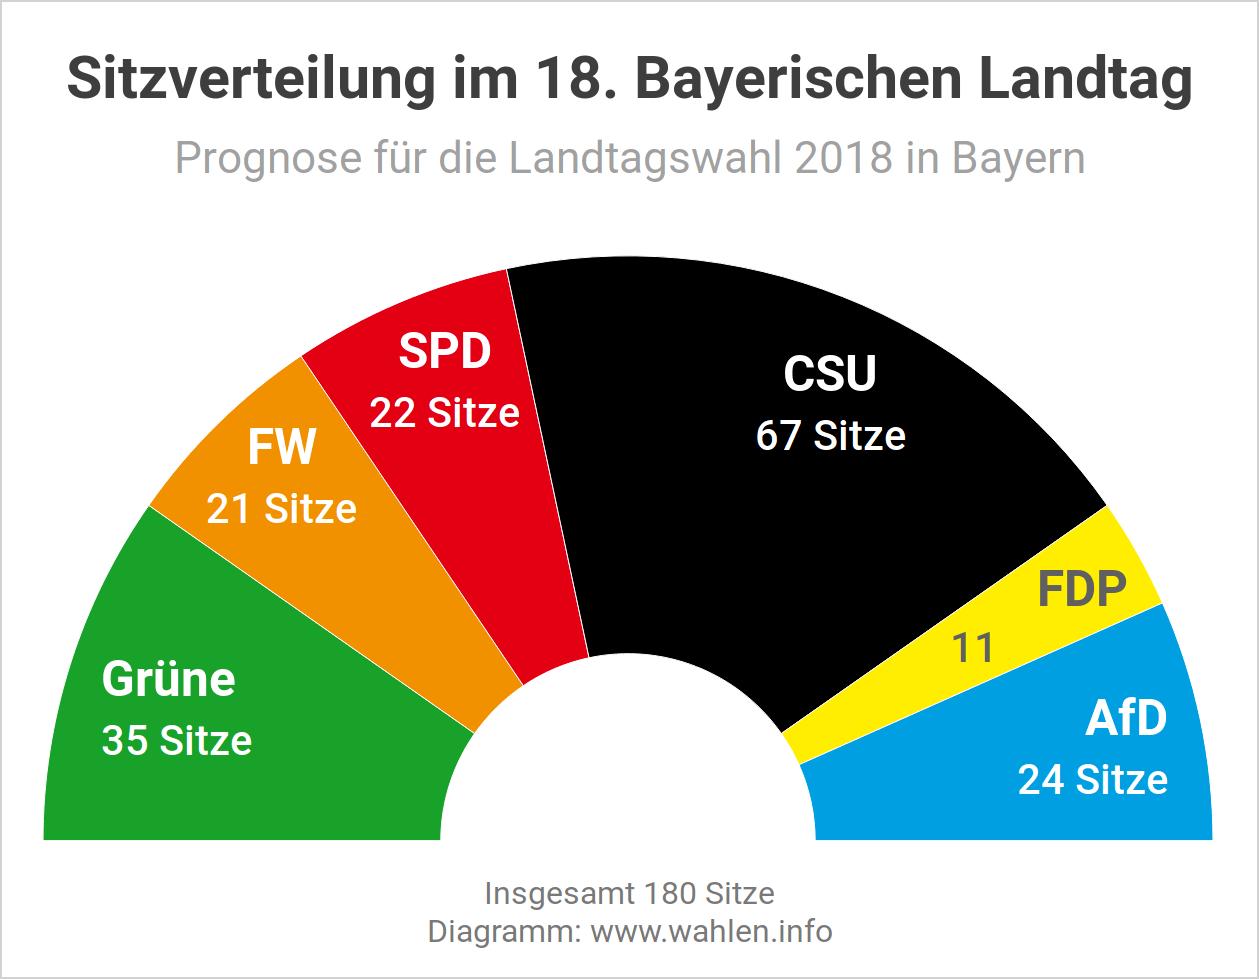 Landtagswahl 2018 in Bayern – Sitzverteilung im Landtag